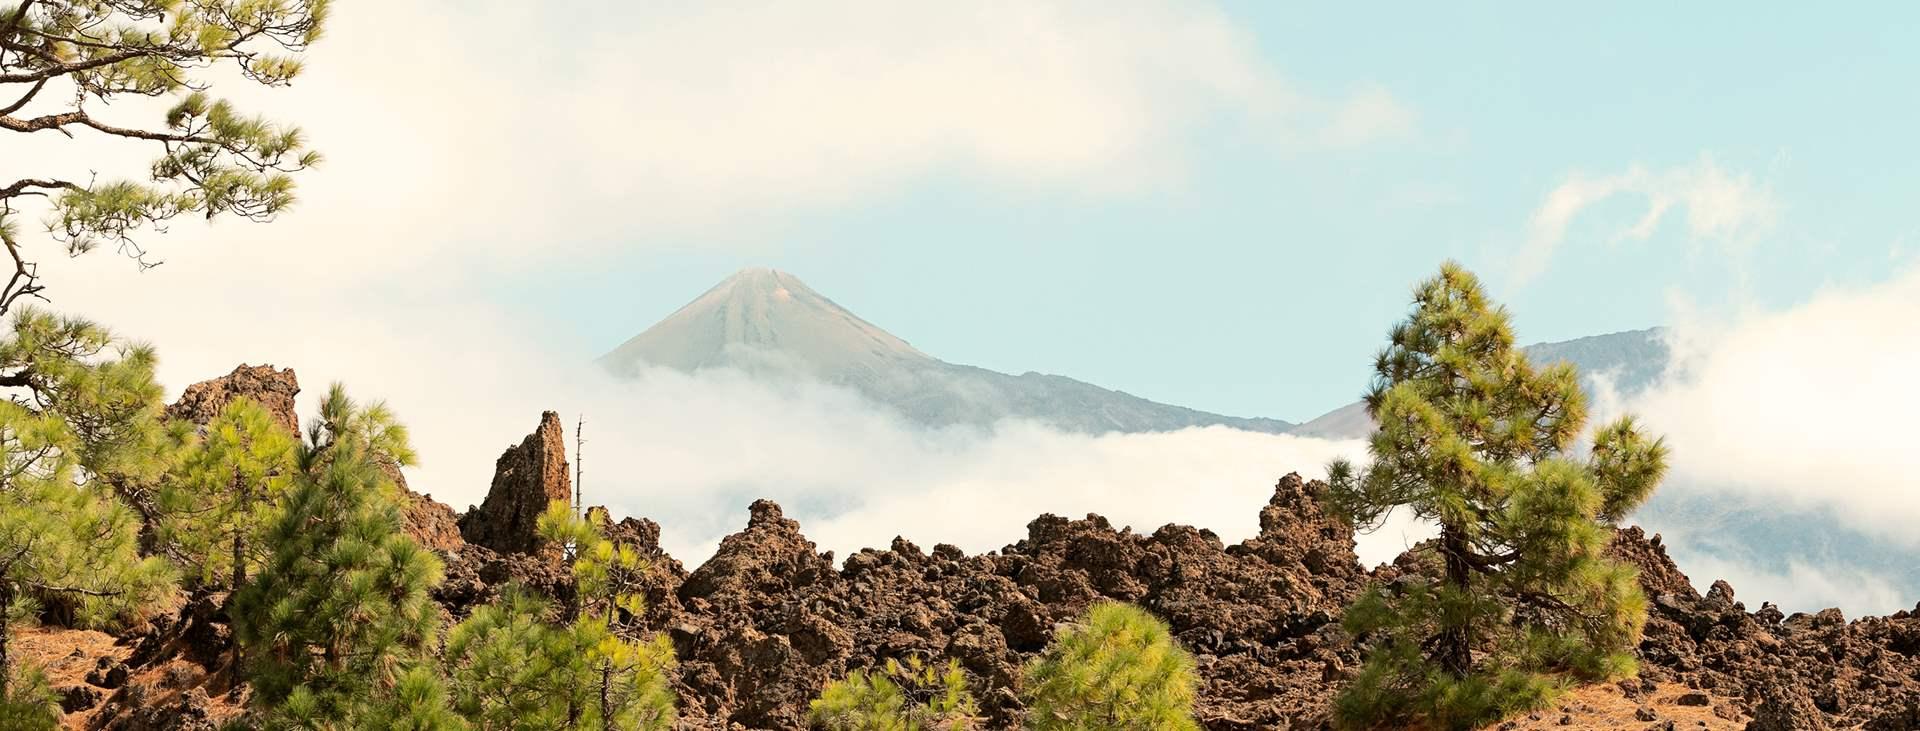 Bestill din rise til Tenerife med Ving